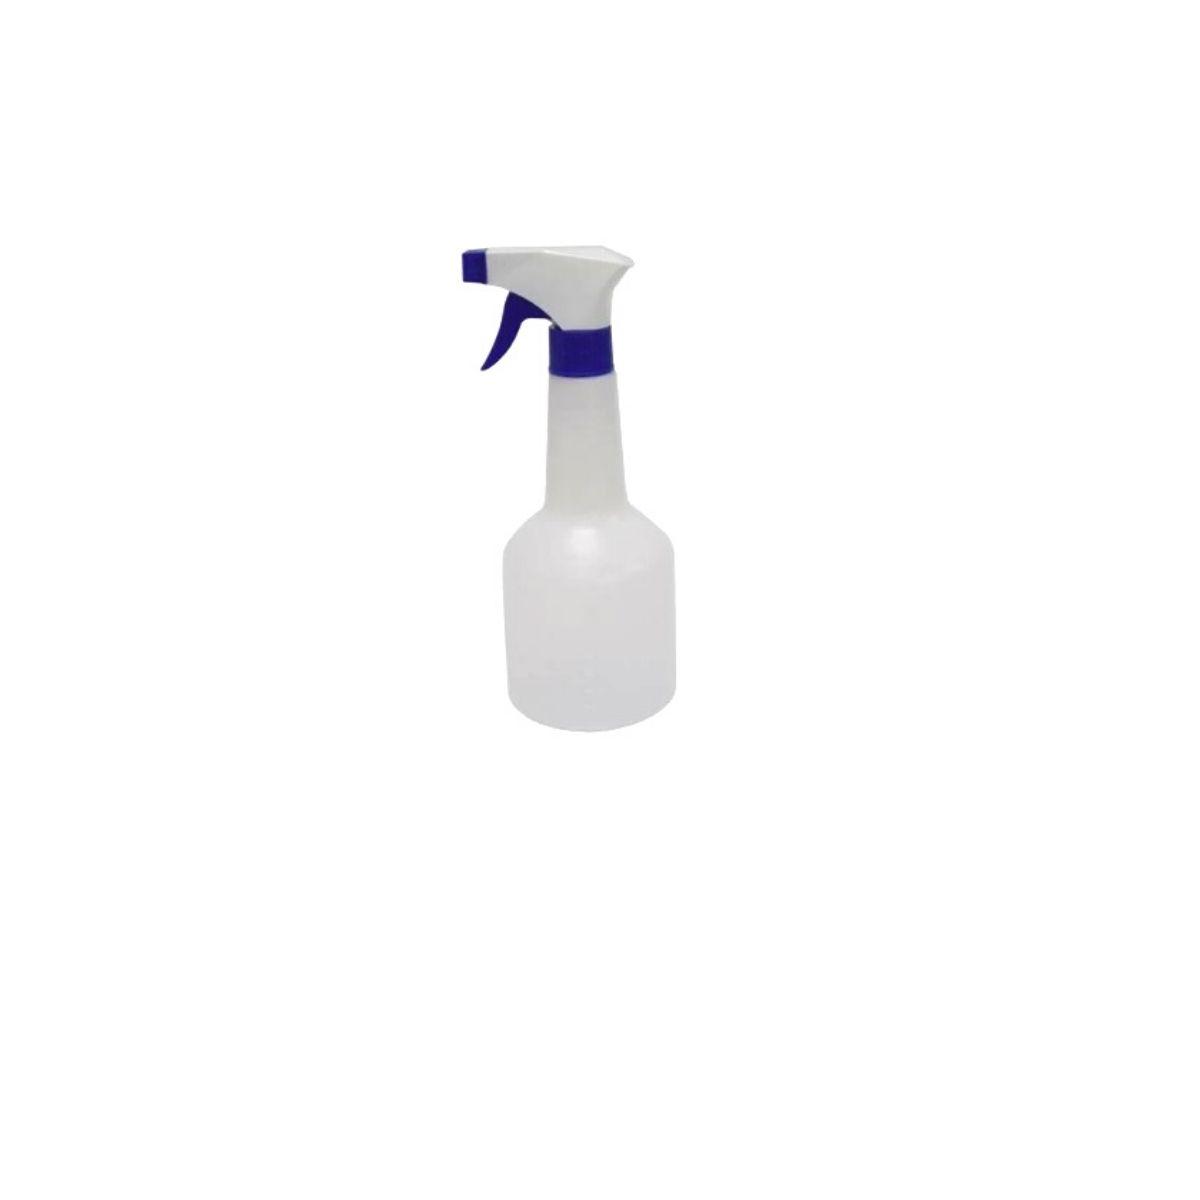 Borrifador De Agua Pequeno 500ml Cores Sortidas